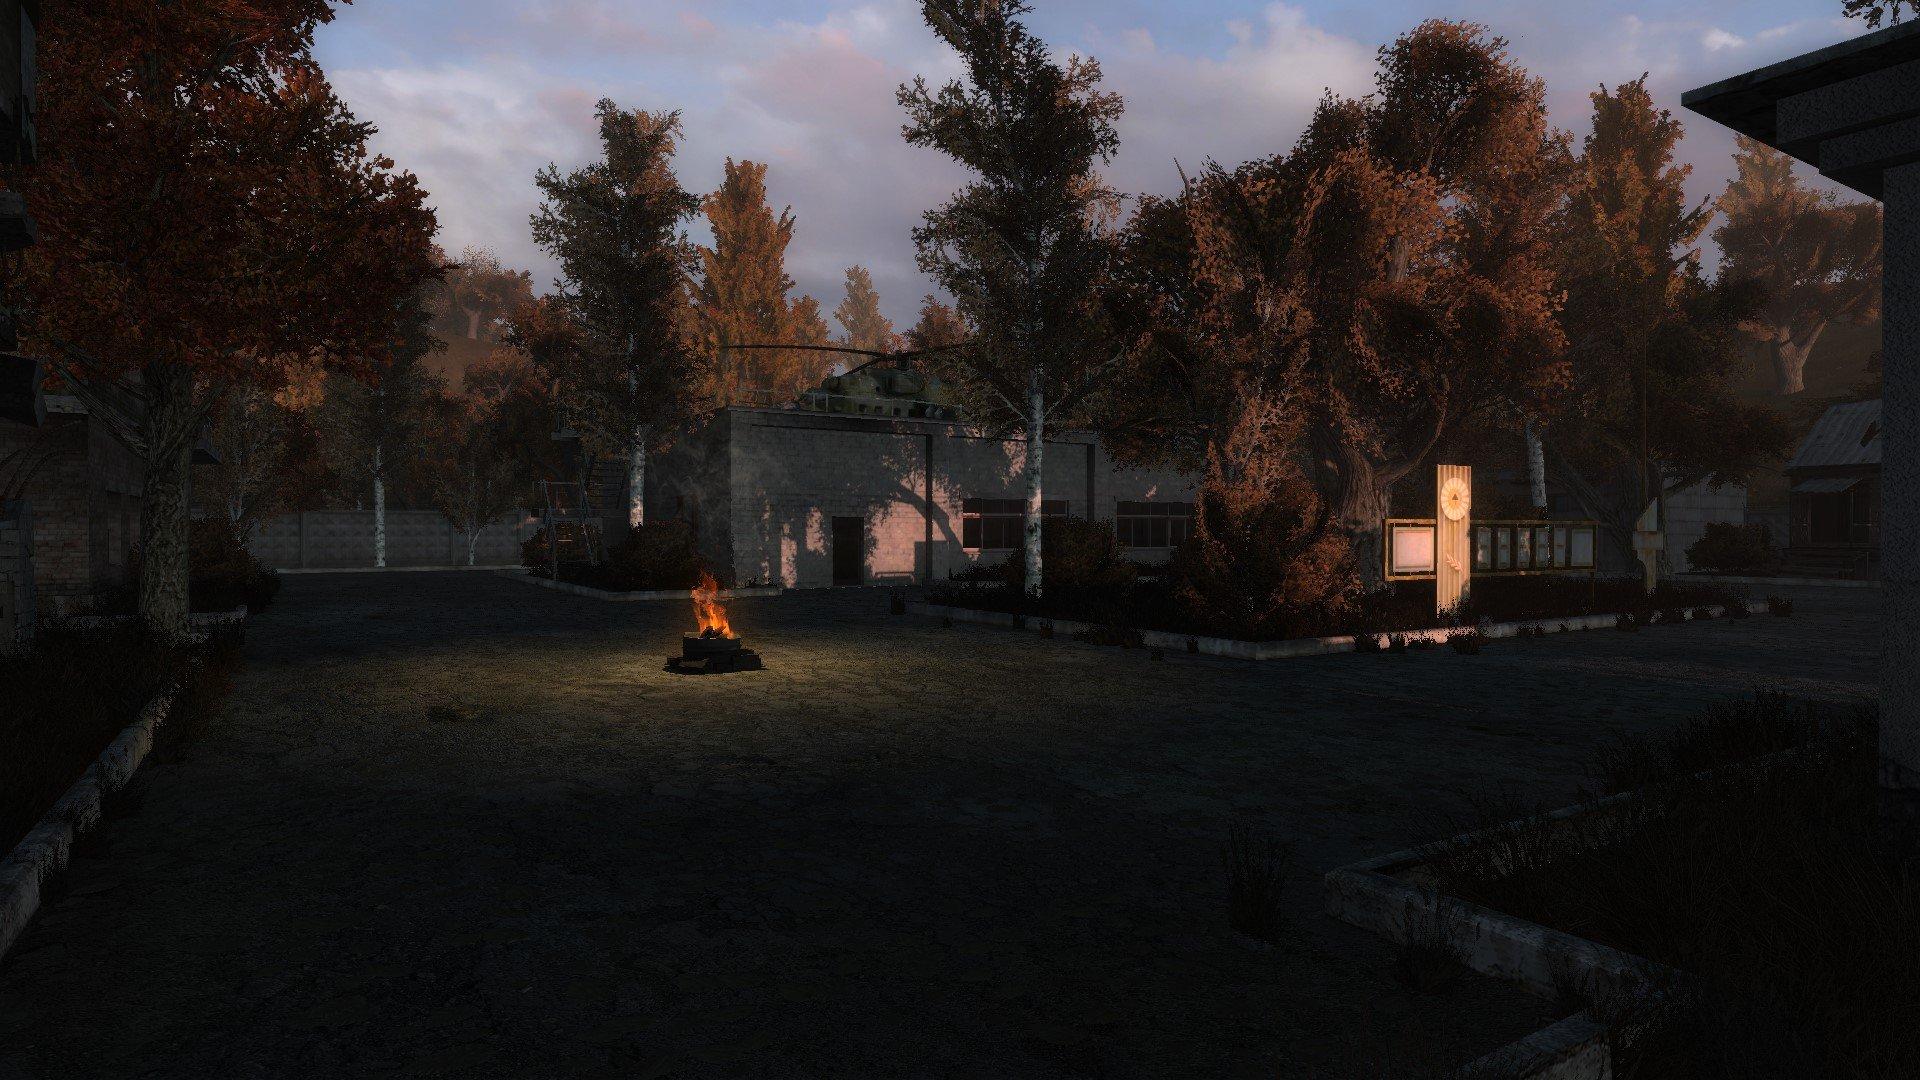 «Тайна Кордона» - скриншоты с новой авторской локации